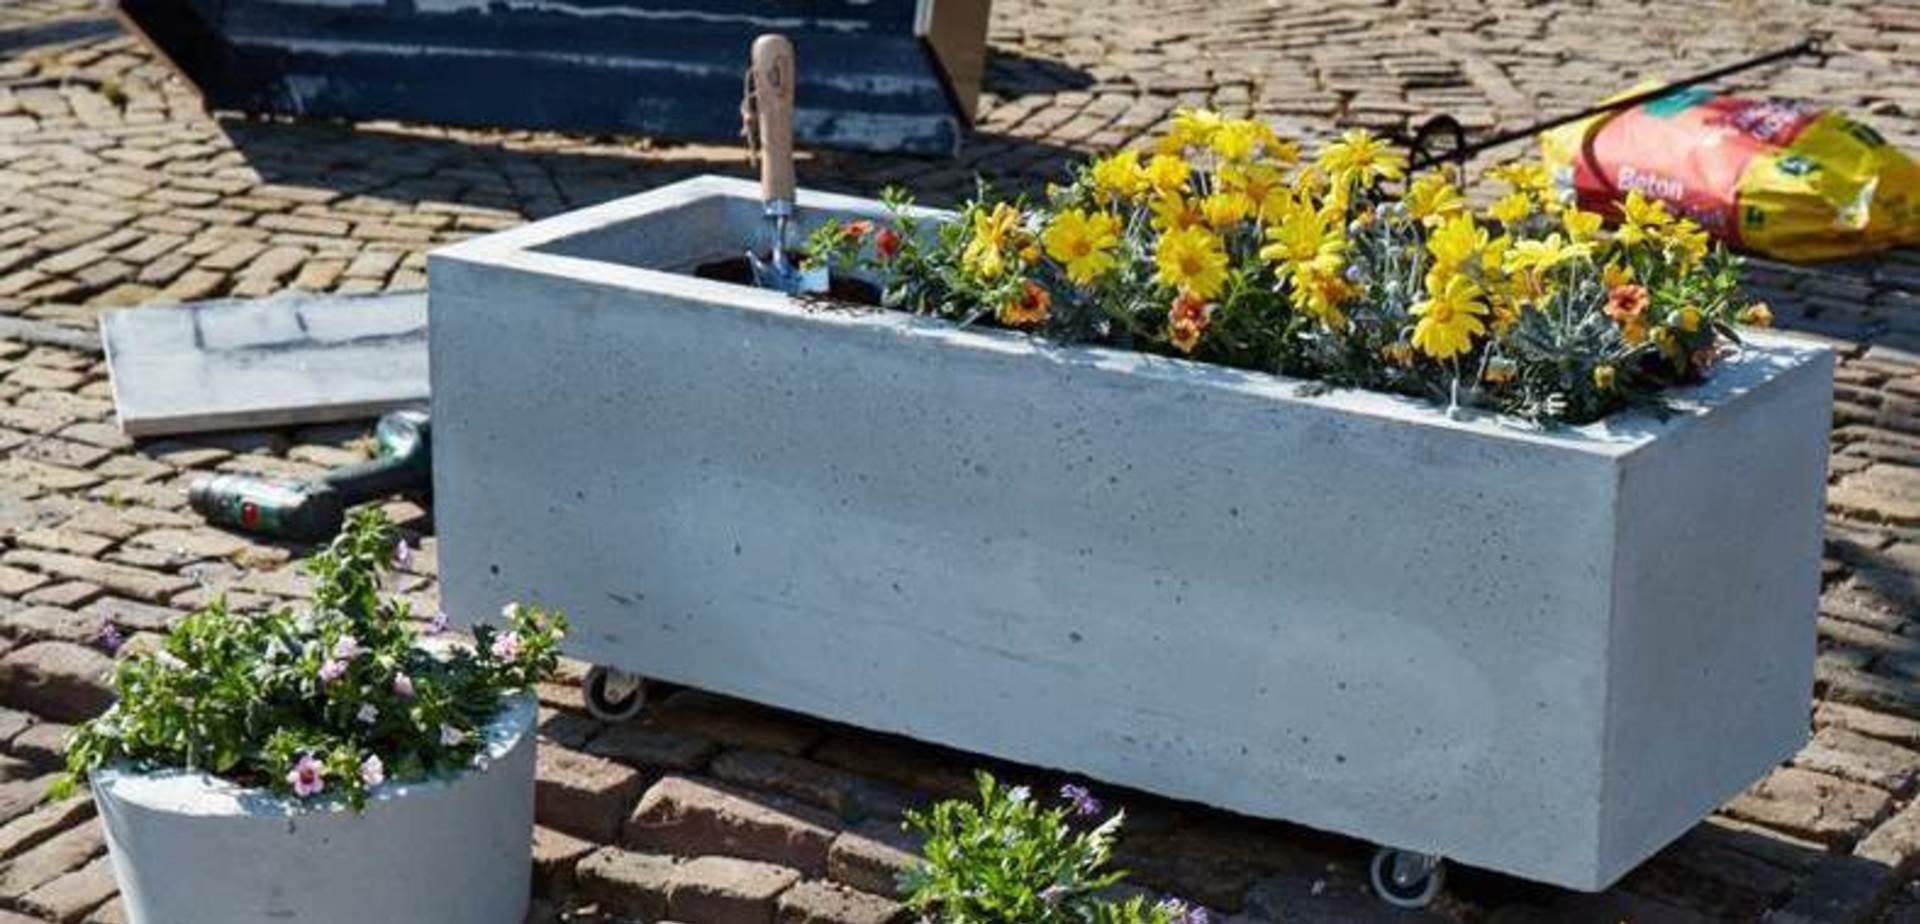 Plantenbak Van Beton Maken Voordemakers Nl